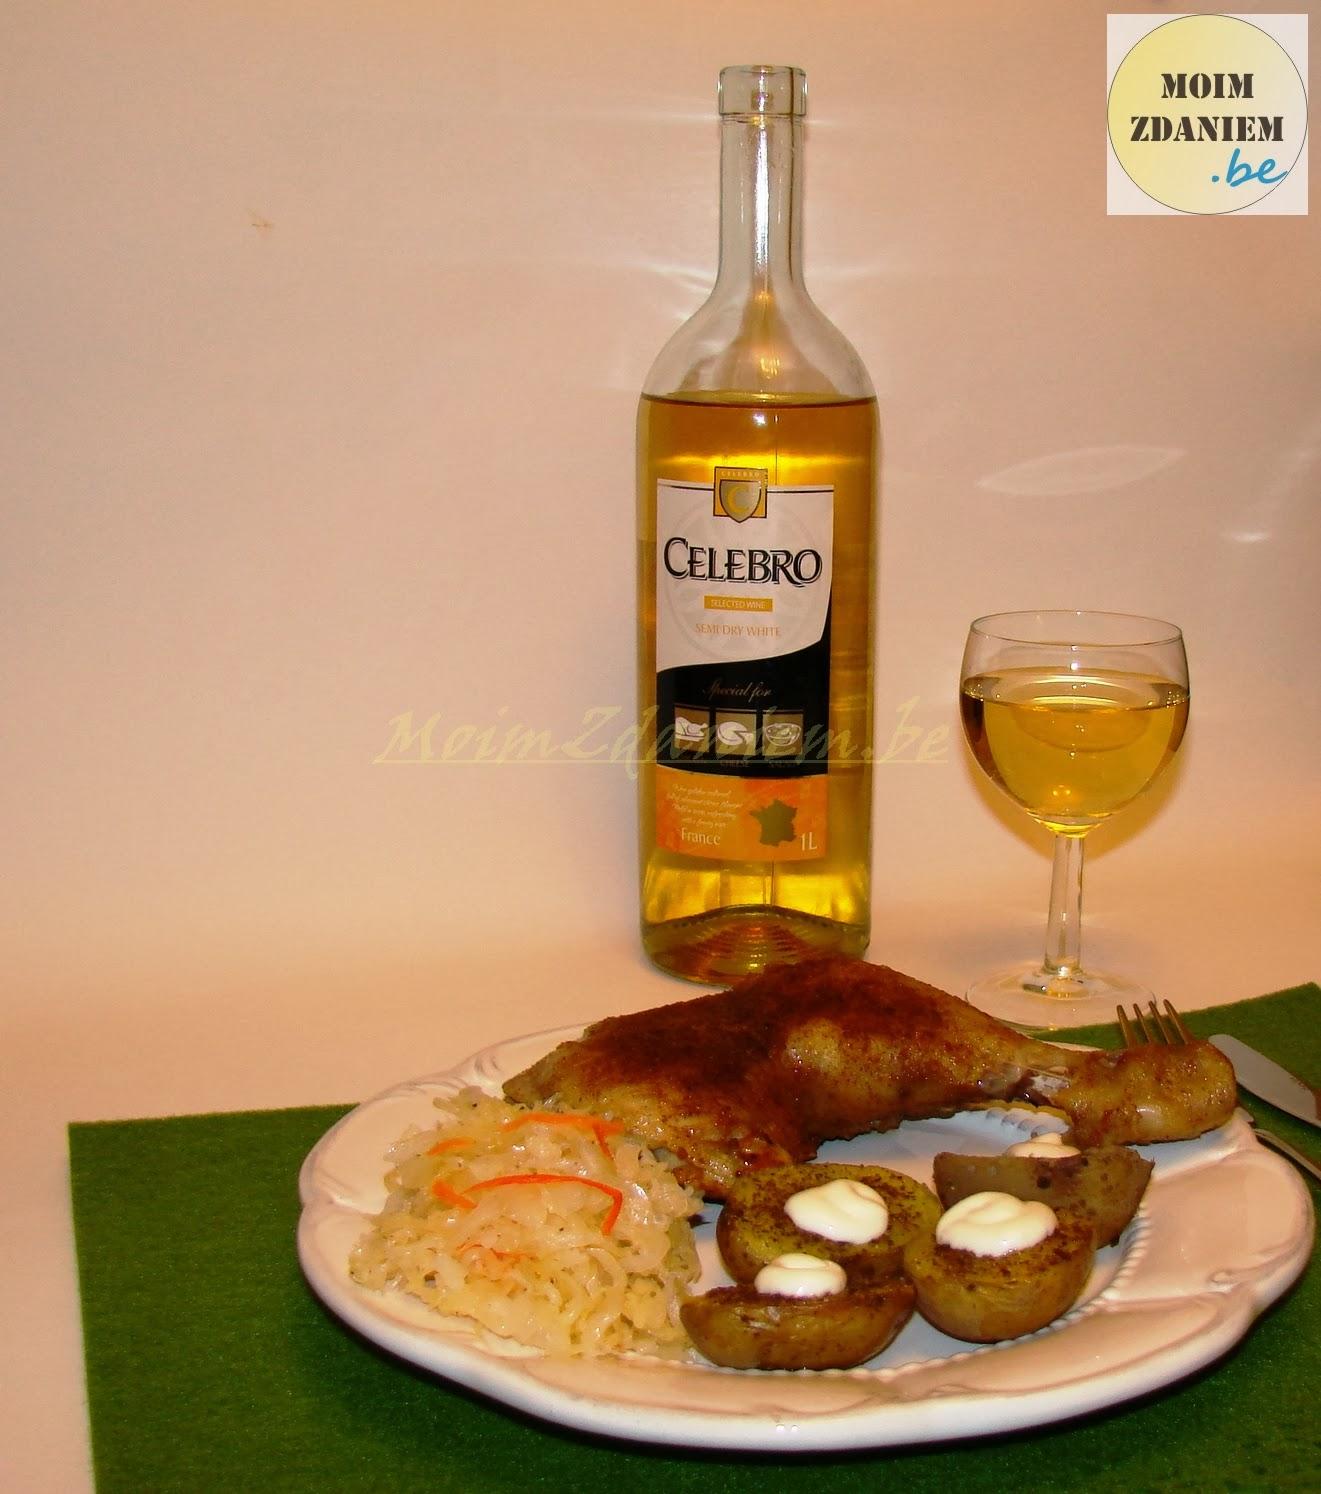 pieczone ziemniaki z pieczonym kurczakiem i bałym winem celebro